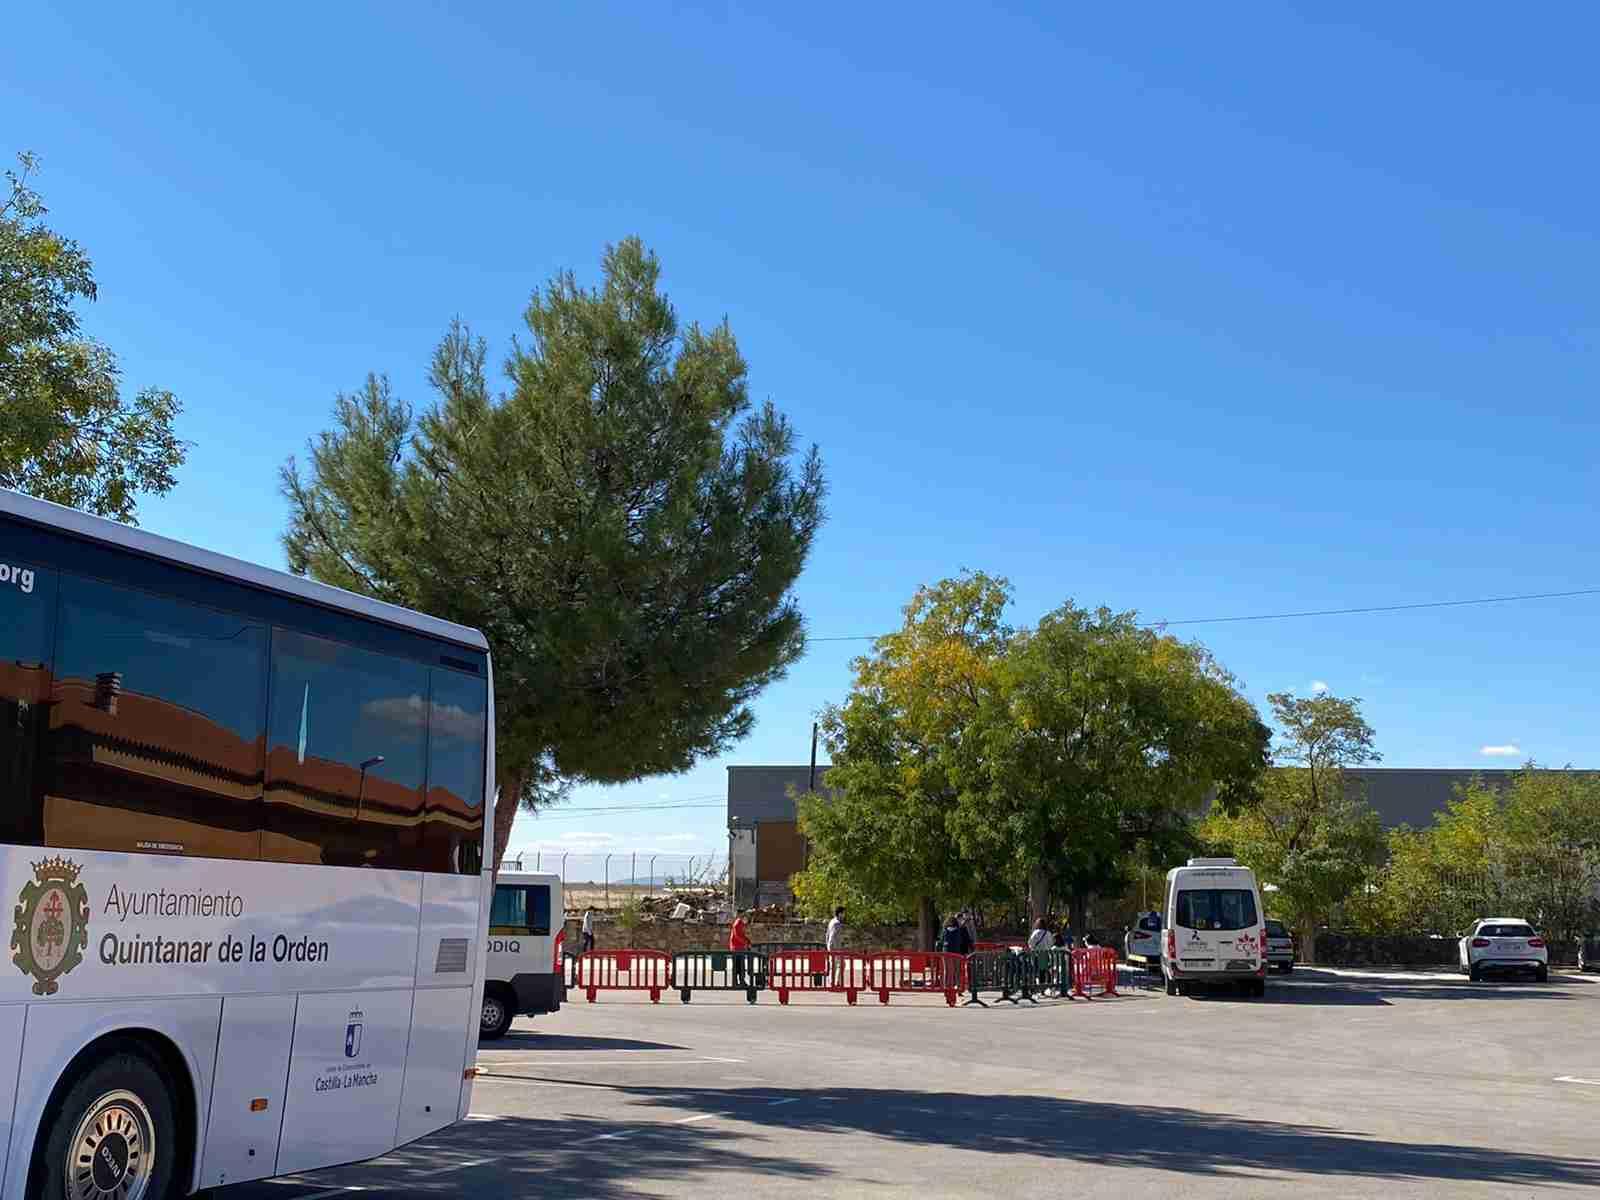 El Ayuntamiento dota a Asprodiq de un aula prefabricada además de otras ayudas materiales 6